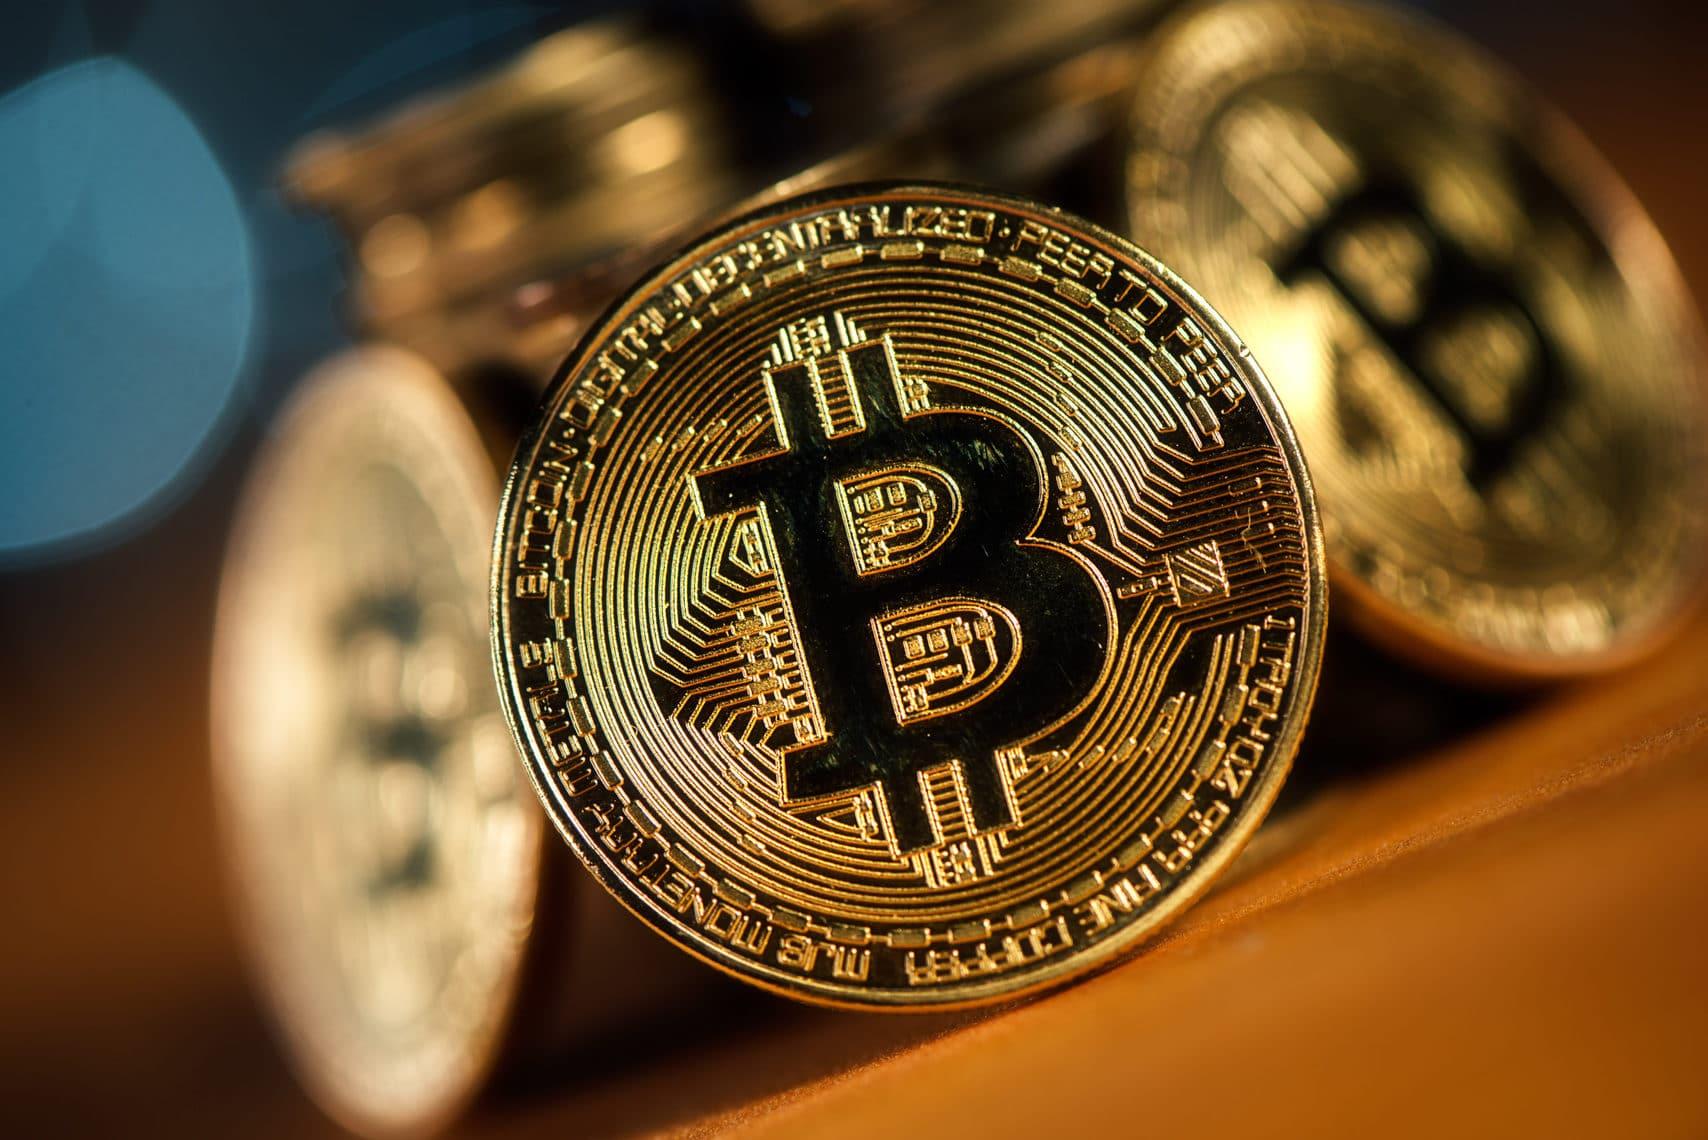 Bitcoin 100 Tsd. US-Dollar